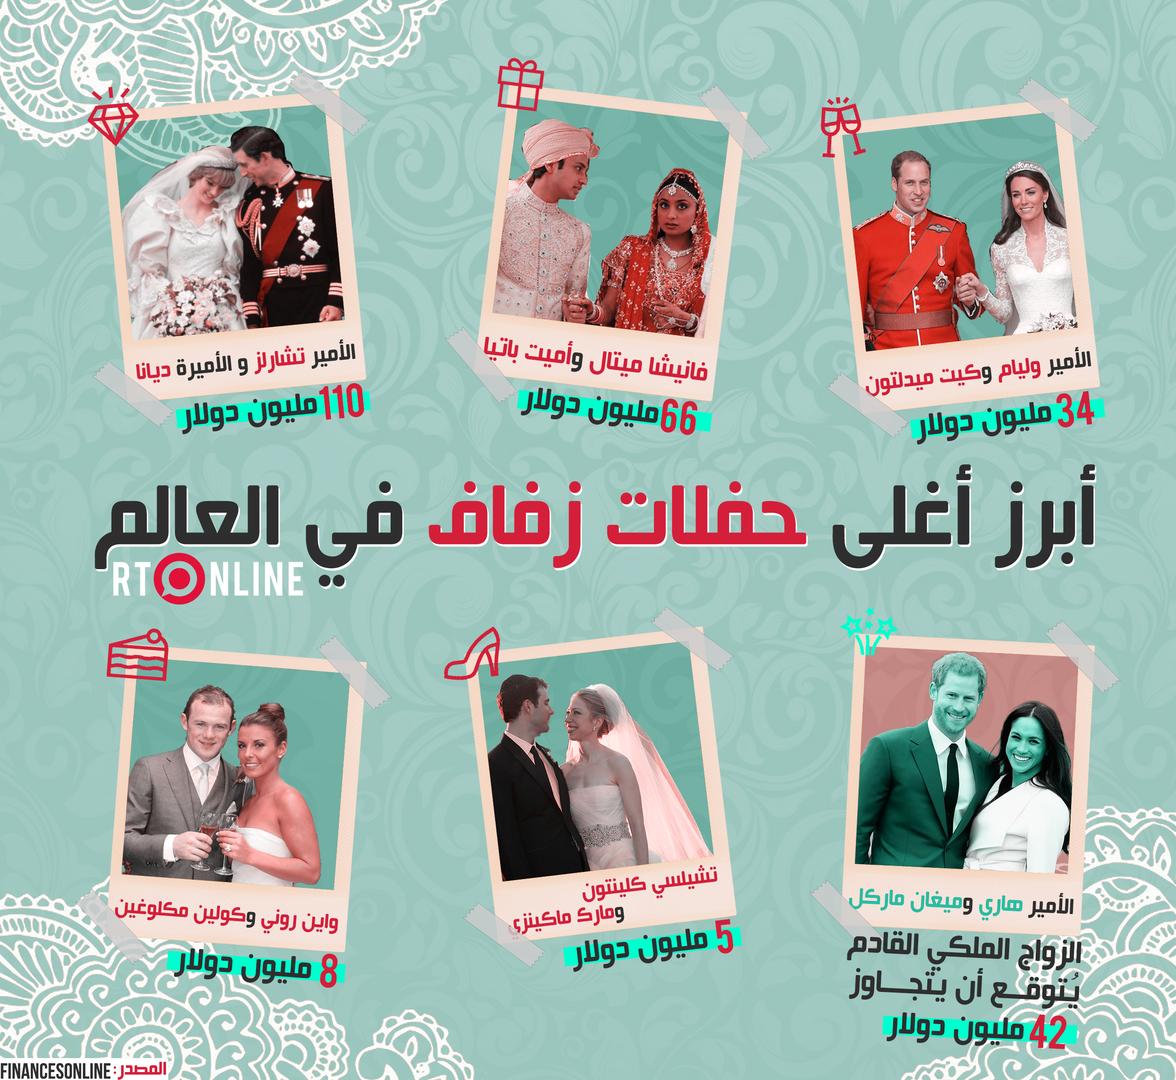 أغلى حفلات الزفاف في العالم